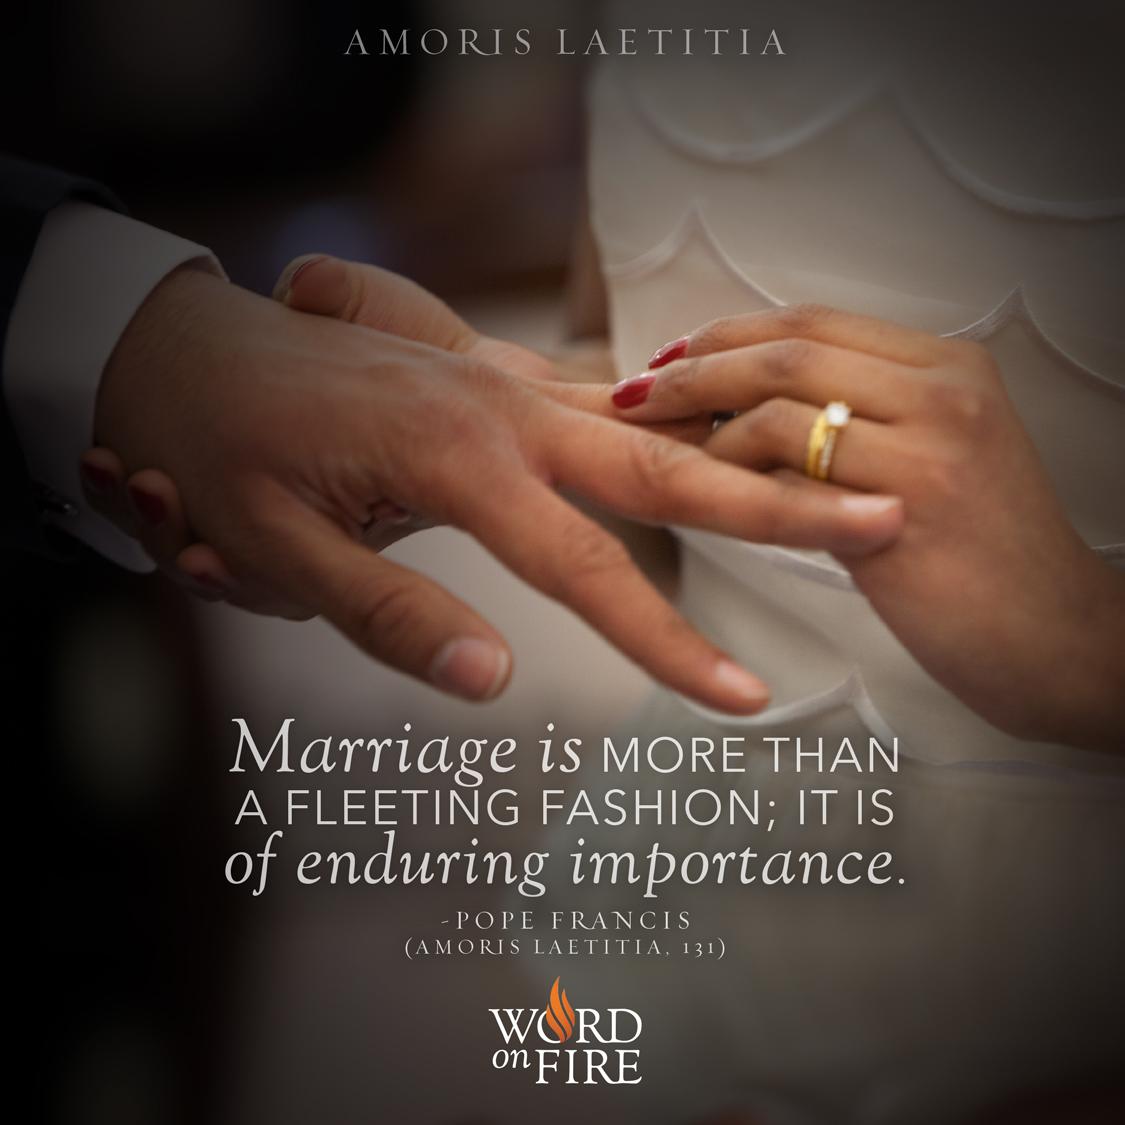 AmorisLaetitia_Marriage2